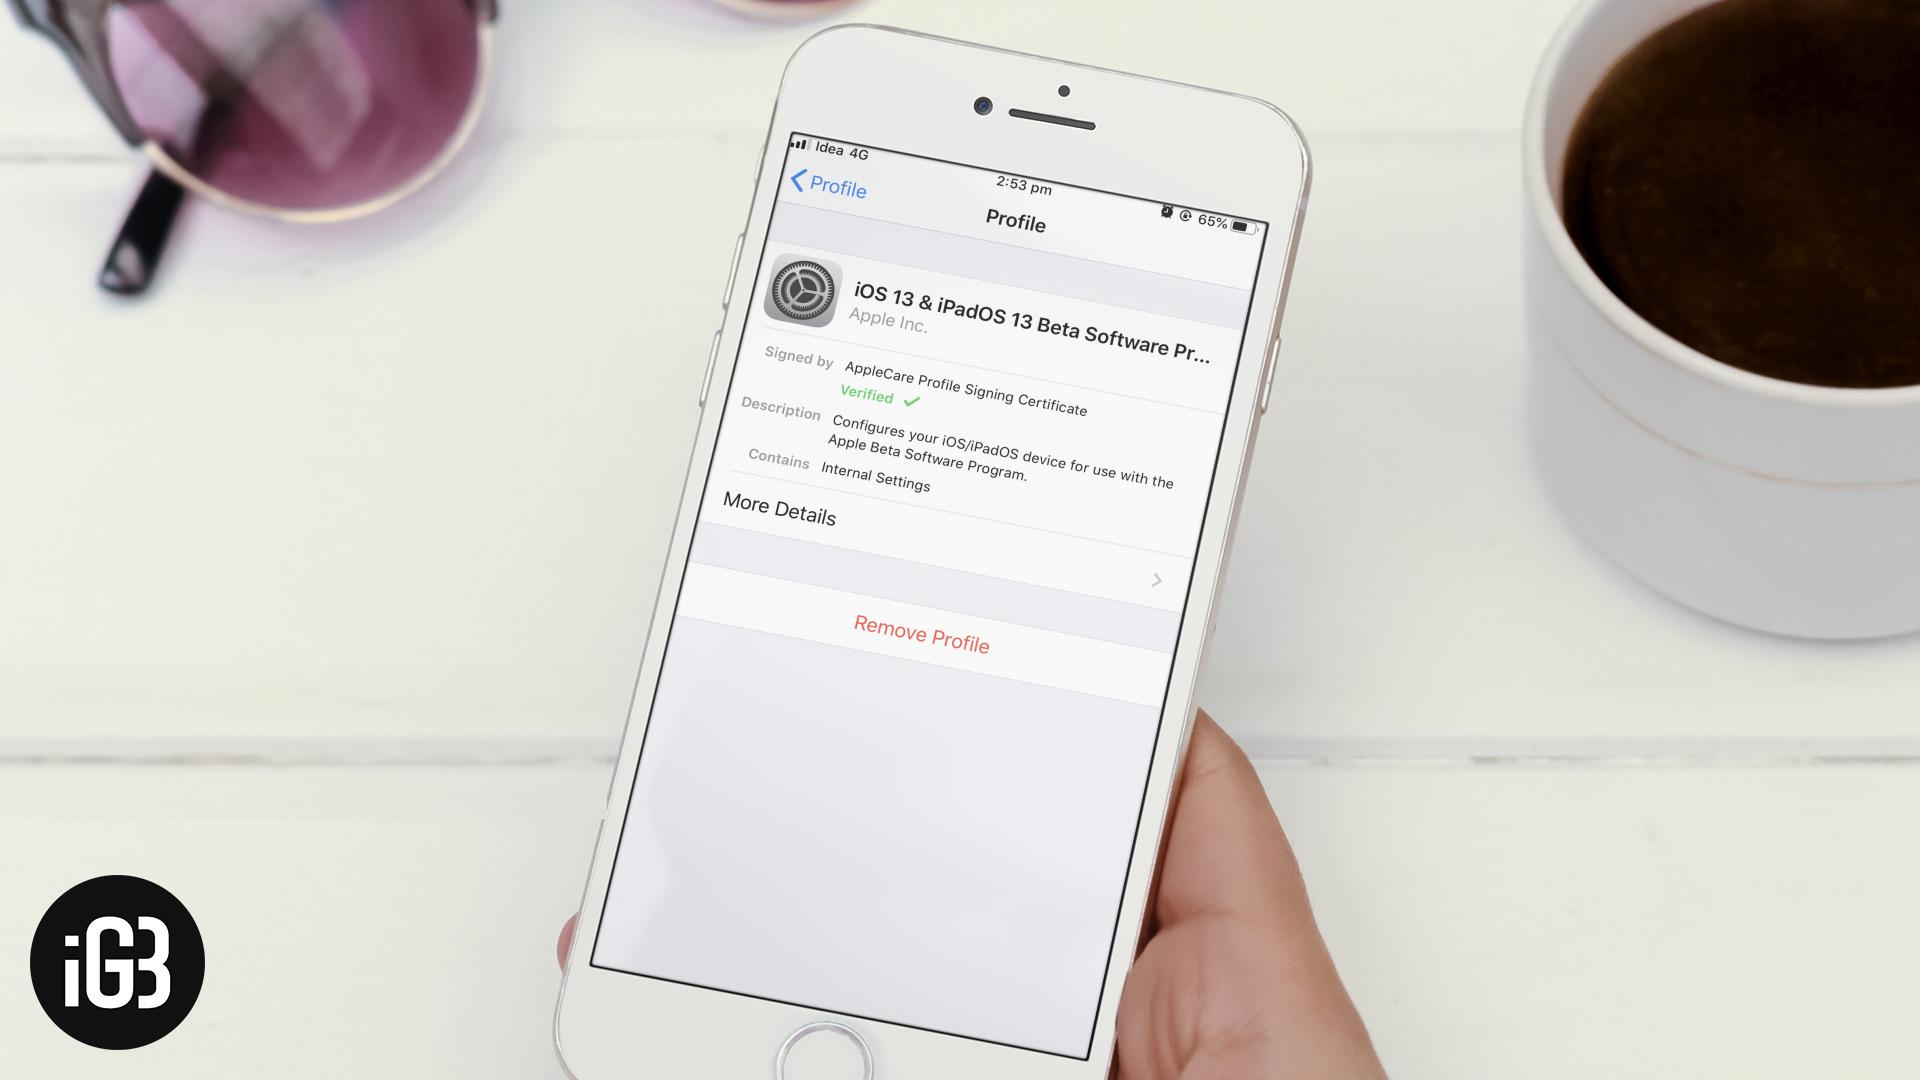 Cómo instalar iOS 13 y iPadOS 13 Public Beta 2 en iPhone y iPad